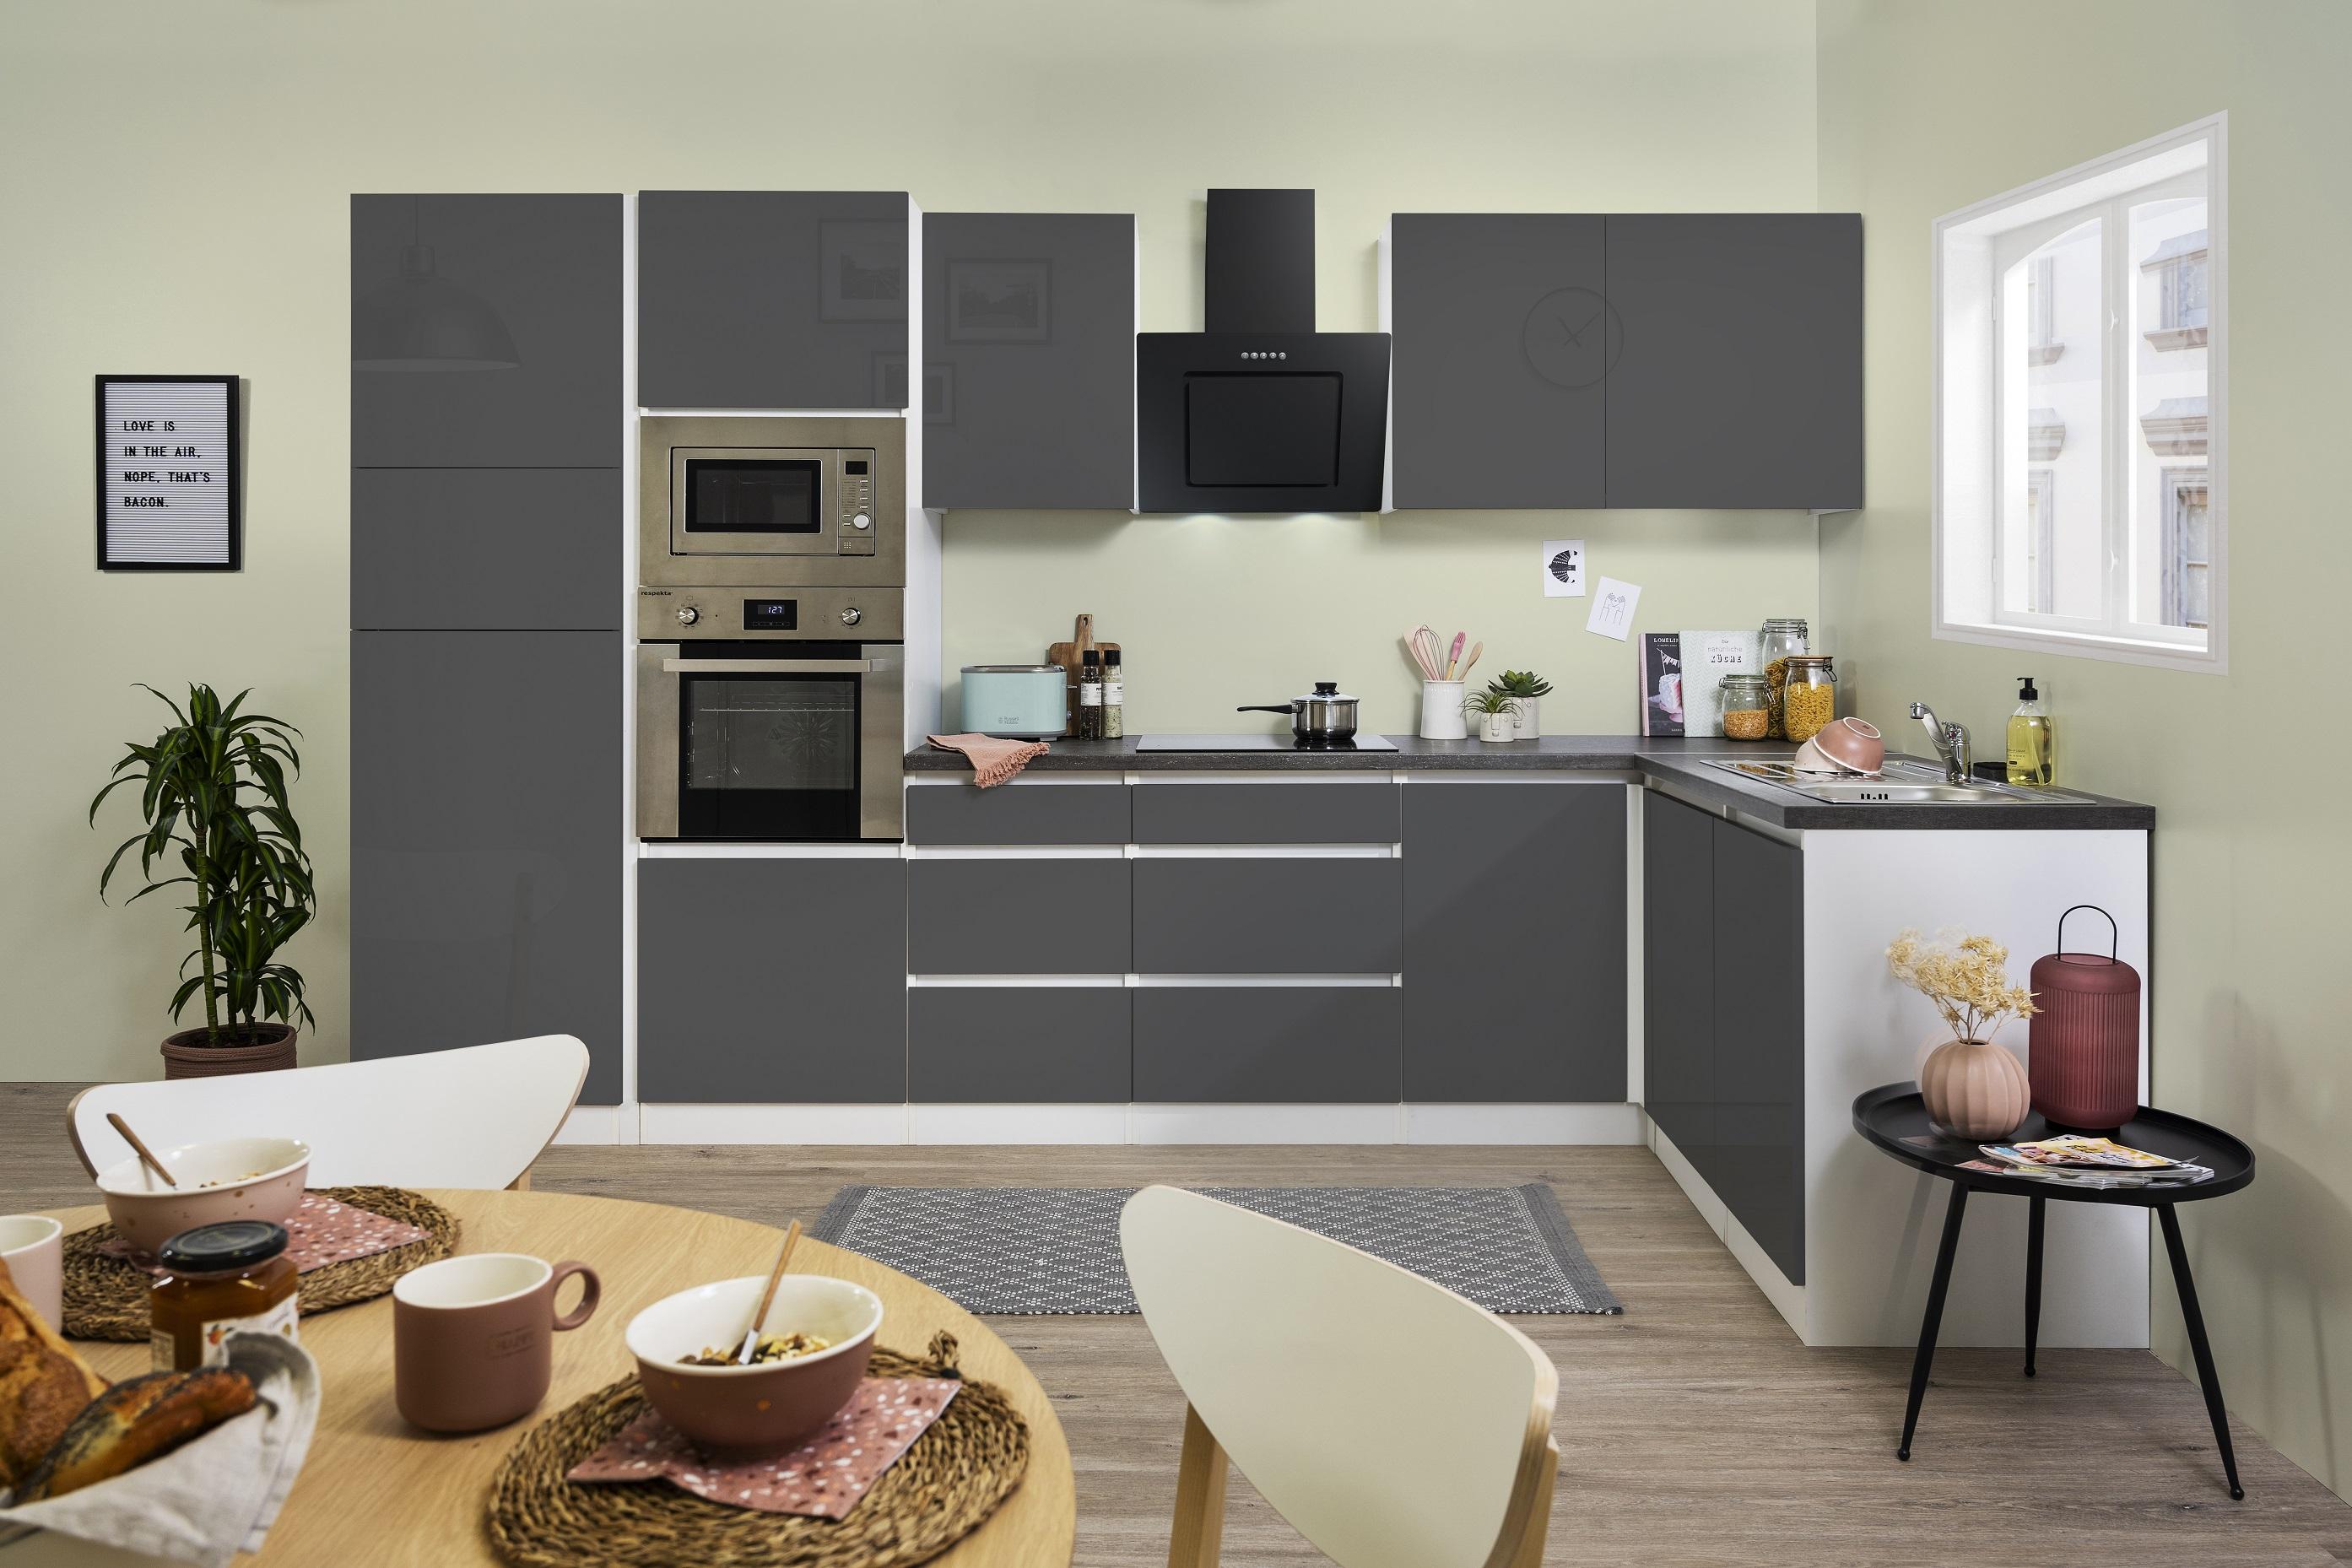 Winkelküche Küchenzeile Küche L-Form Küche grifflos grau 345 x 172 cm respekta